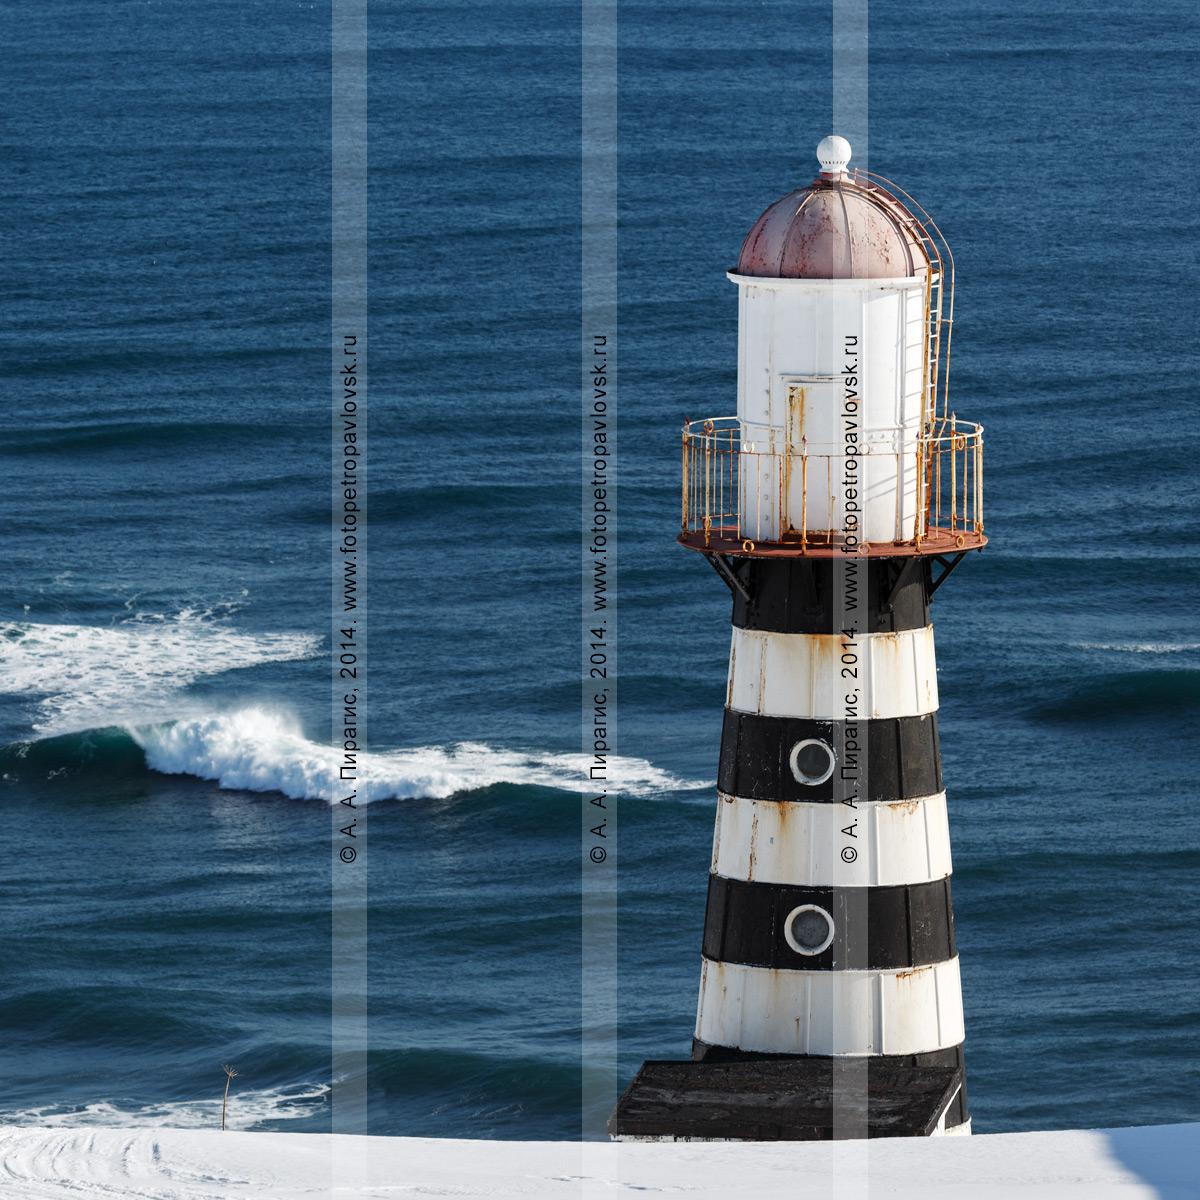 Фотография: Петропавловский маяк на мысе Маячном у входа в Авачинскую губу (Авачинскую бухту). Камчатка, побережье Тихого океана